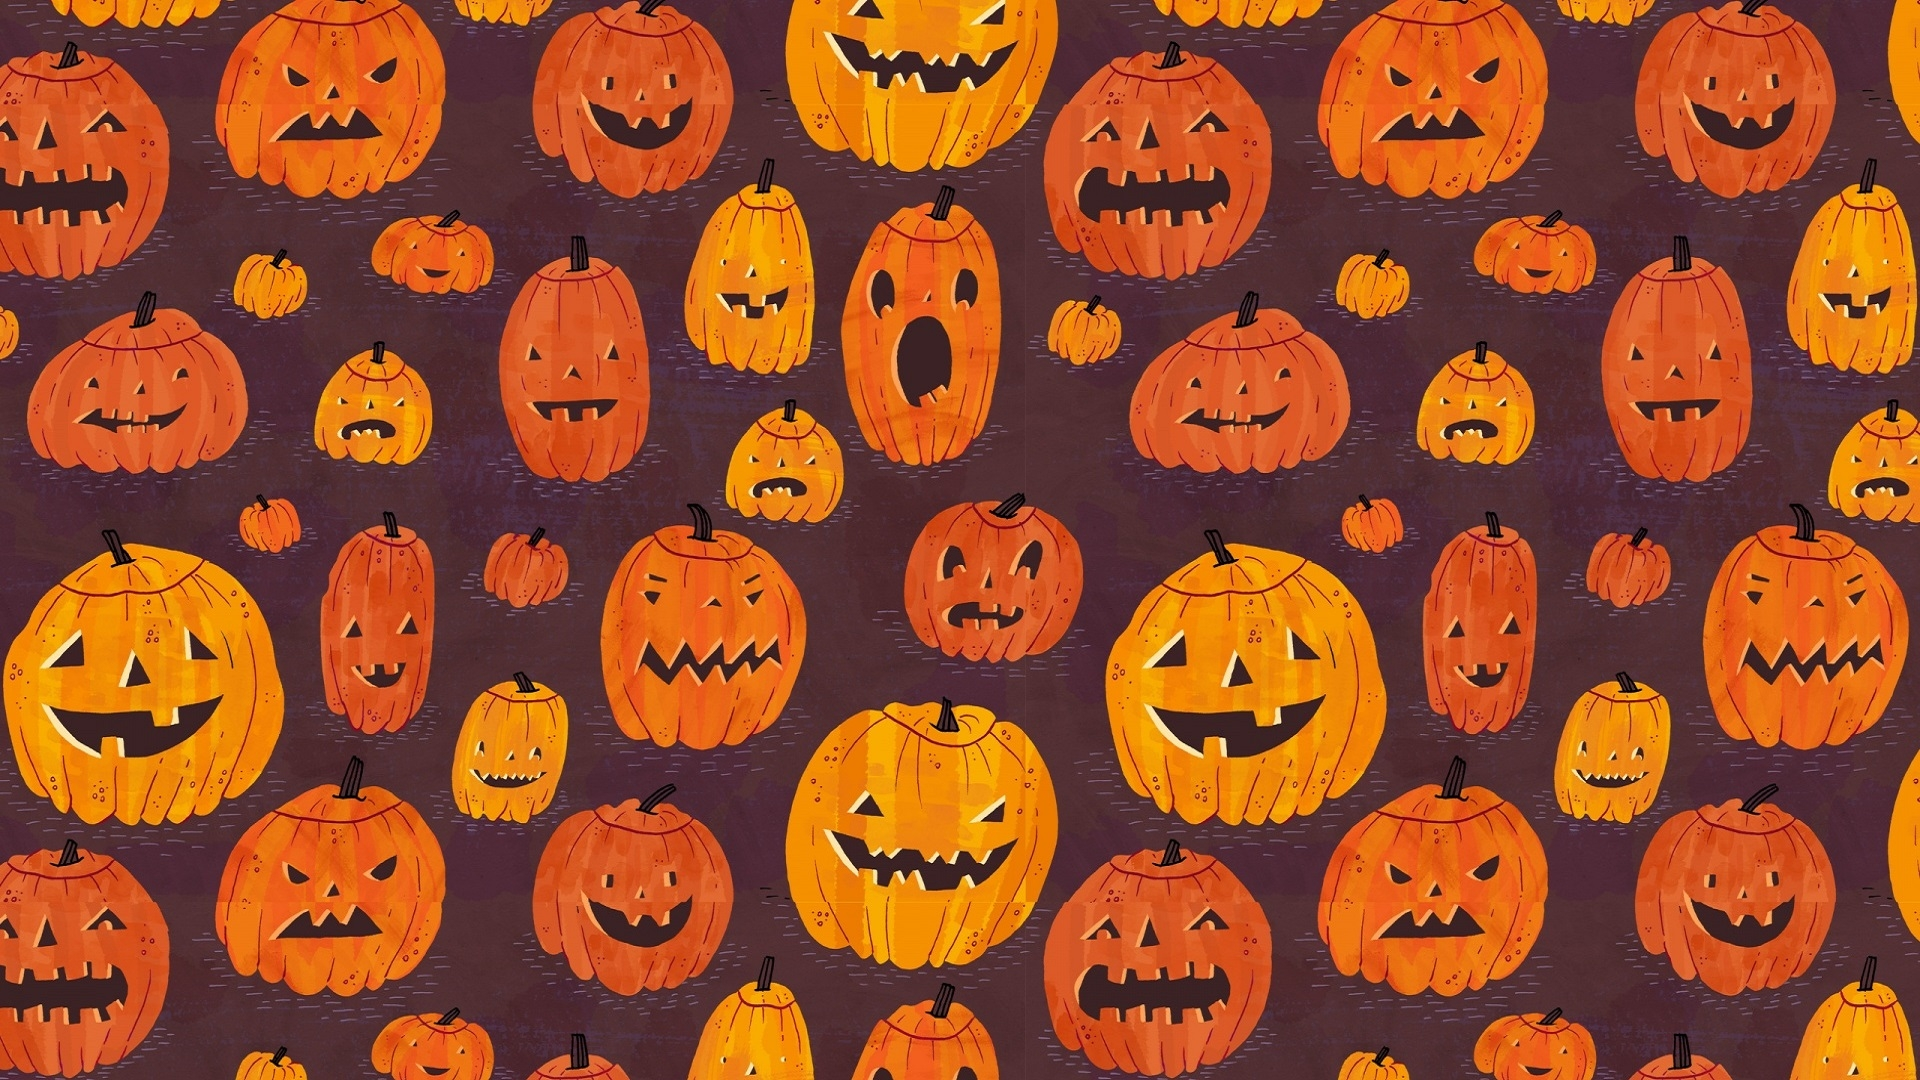 Halloween Background wallpaper 2018 in Halloween 1920x1080